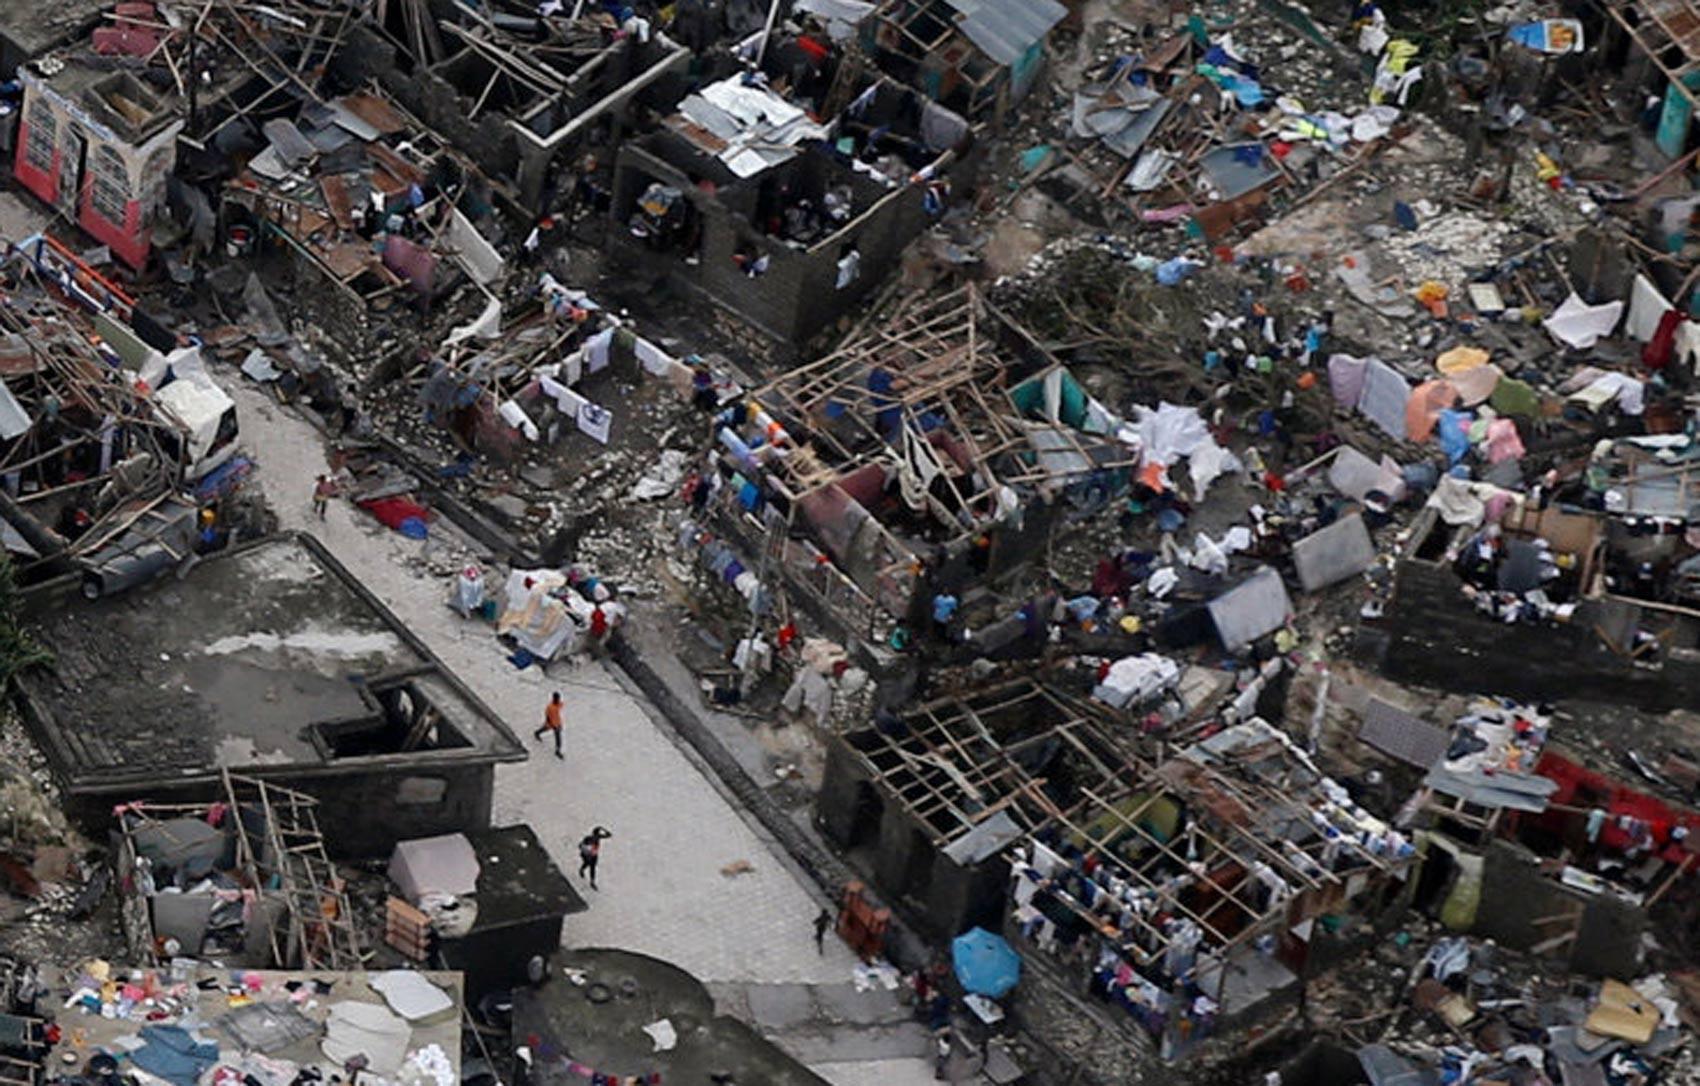 Detalhe da mesma imagem acima (Foto: Carlos Garcia Rawlins/Reuters)